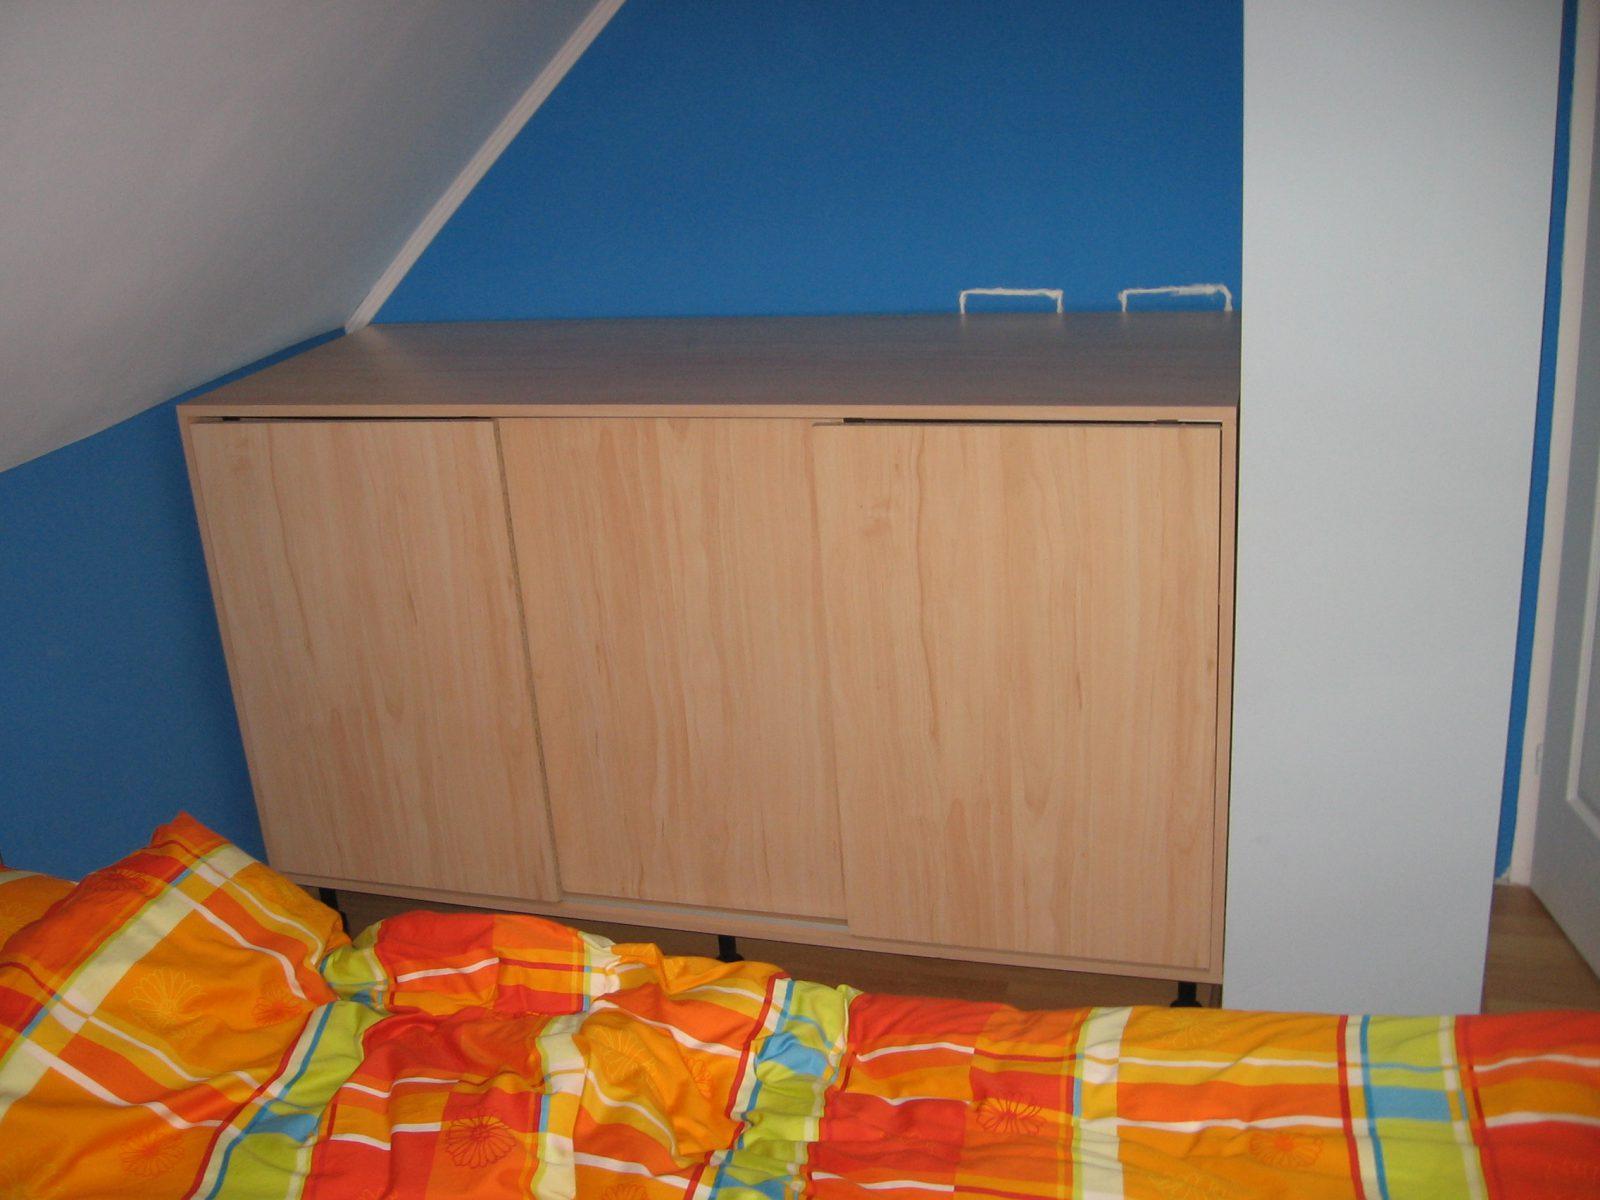 ruhatartó szekrény